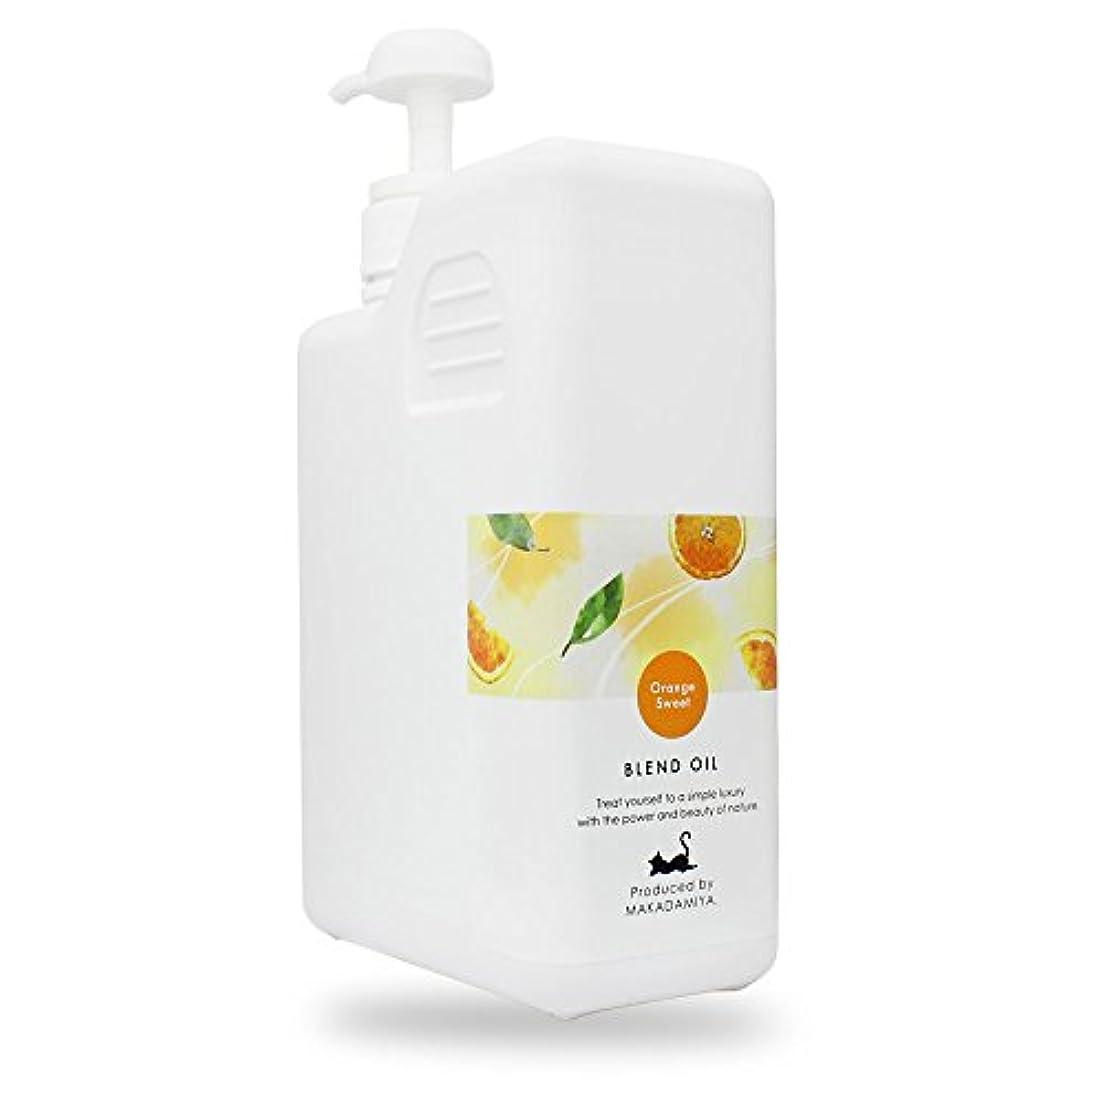 冗談でリングバック成熟オレンジ?スイートブレンド1000ml (ベース:ライスオイル/ポンプ付)高級サロン仕様 マッサージオイル 業務用 大容量